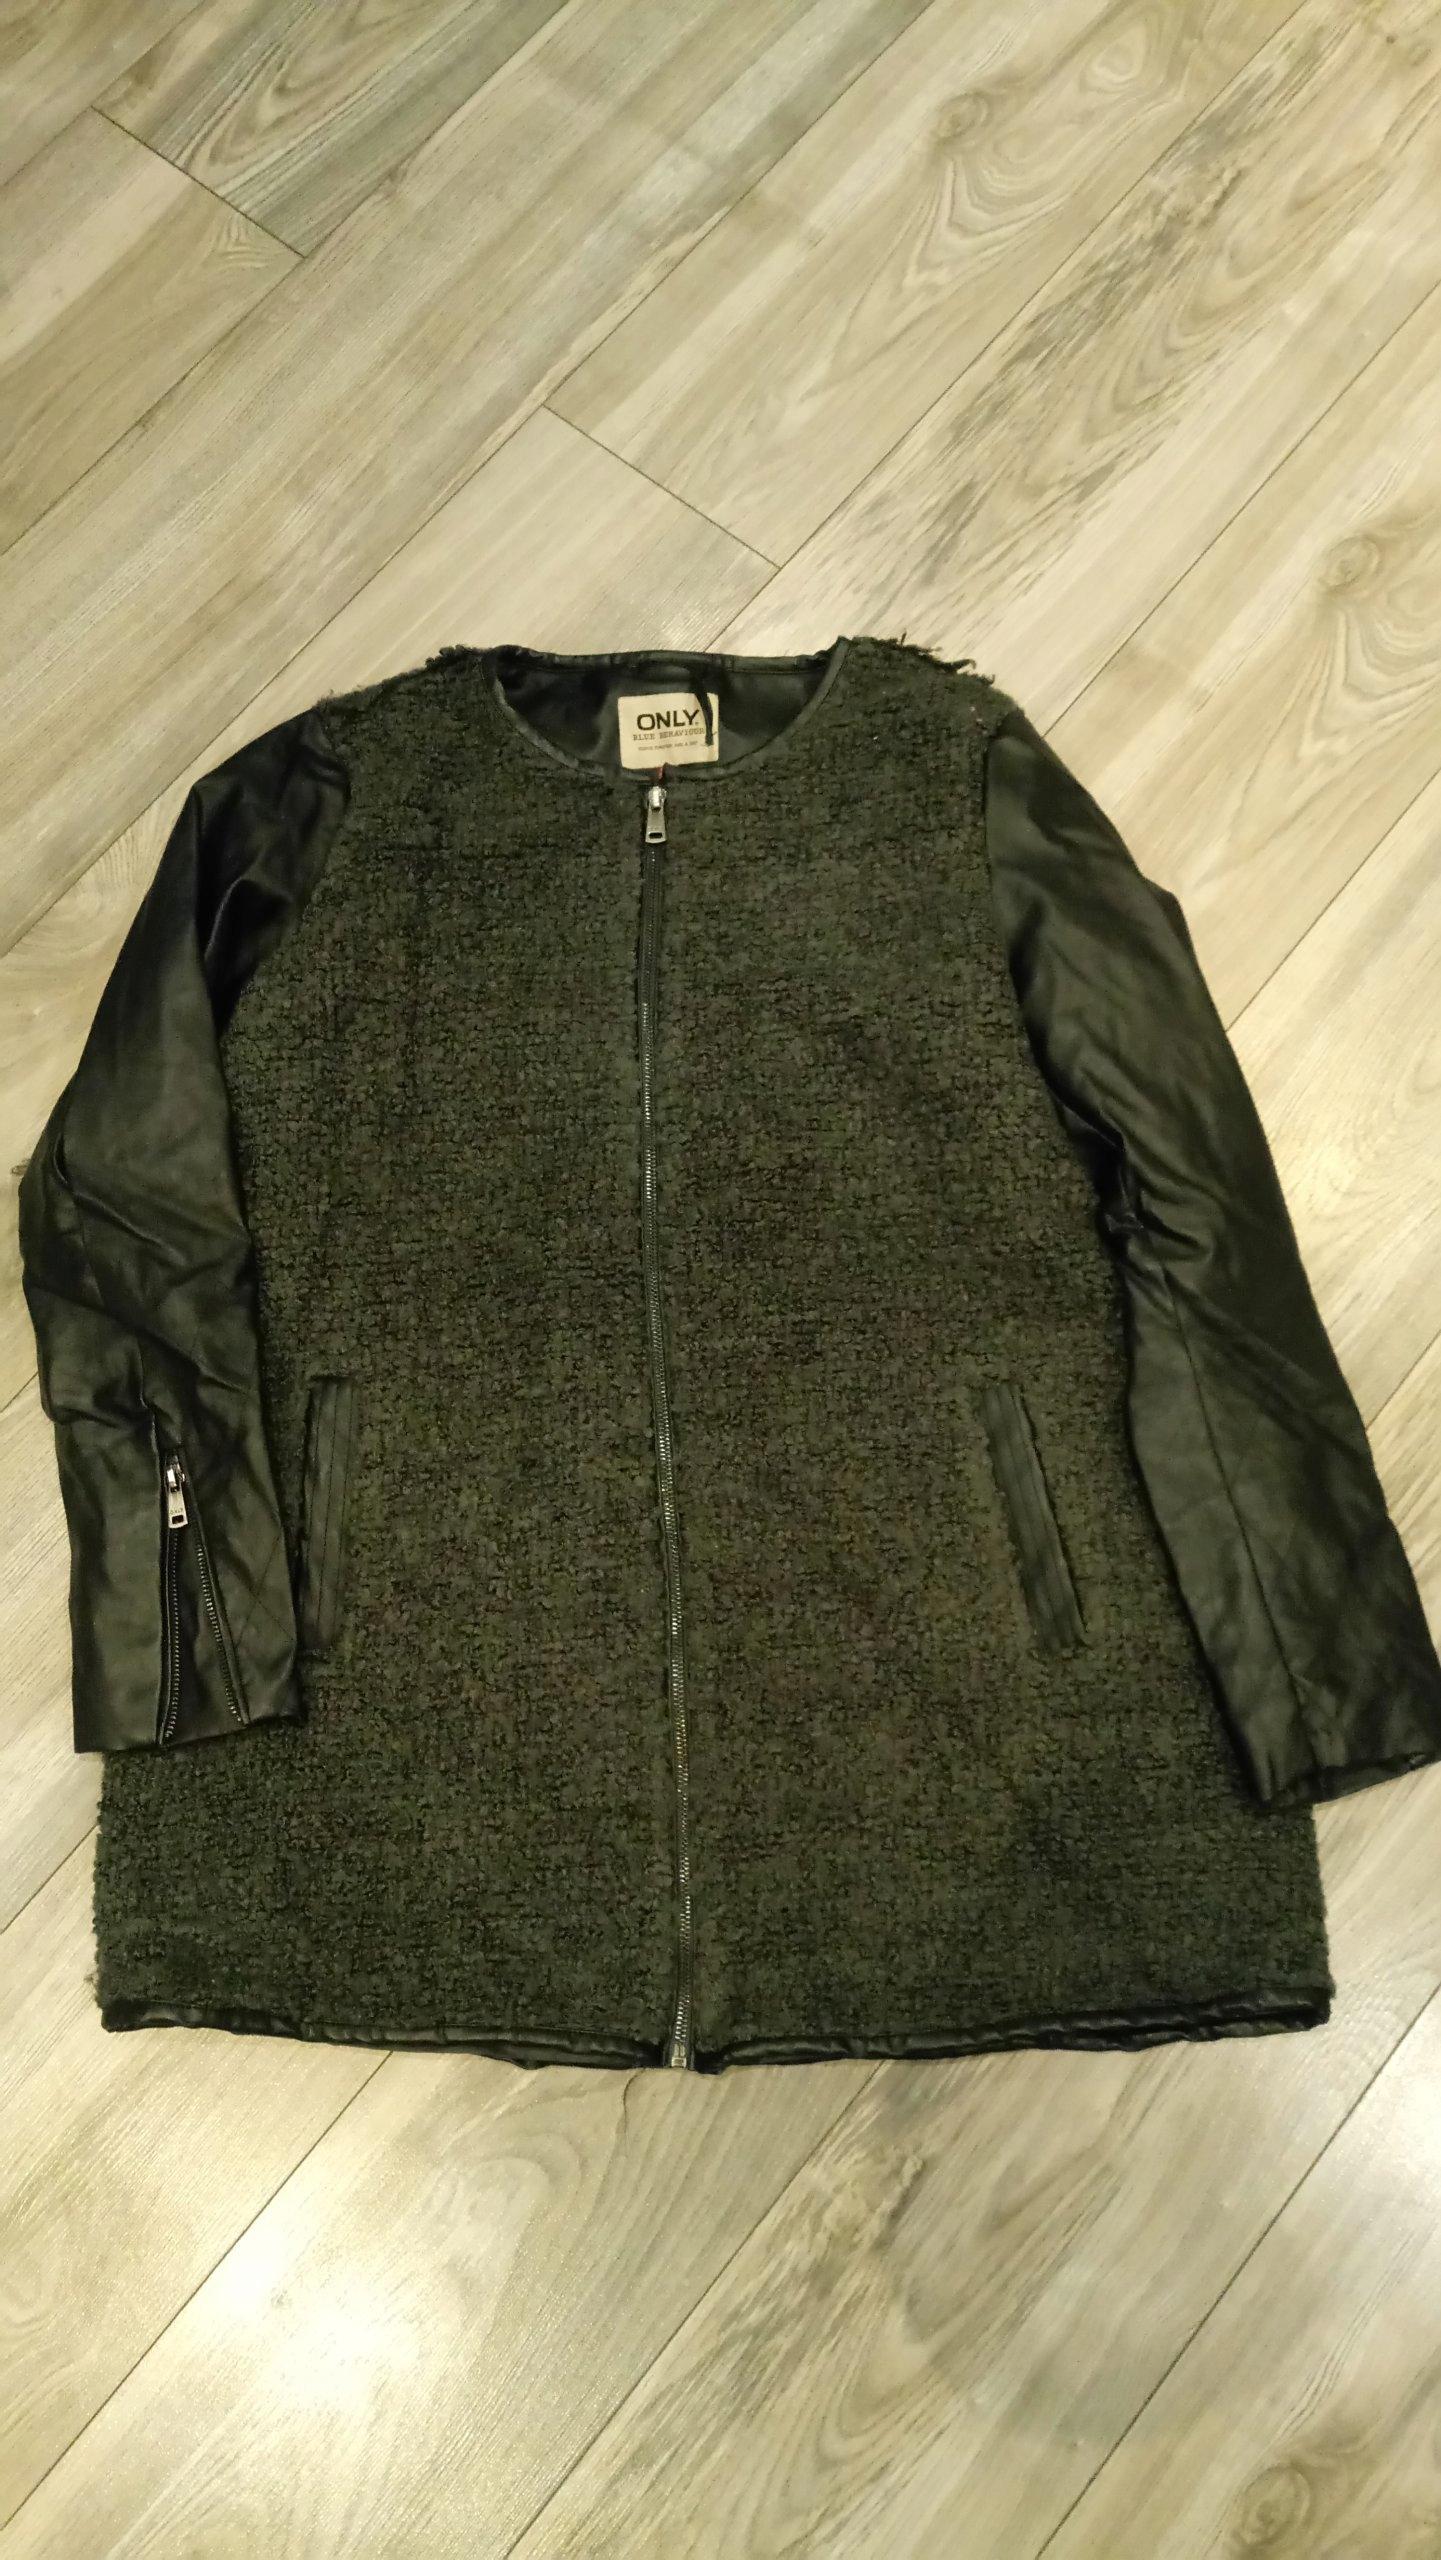 712b196470740 ONLY kurtka płaszcz skórzane rękawy L - 7423039222 - oficjalne ...